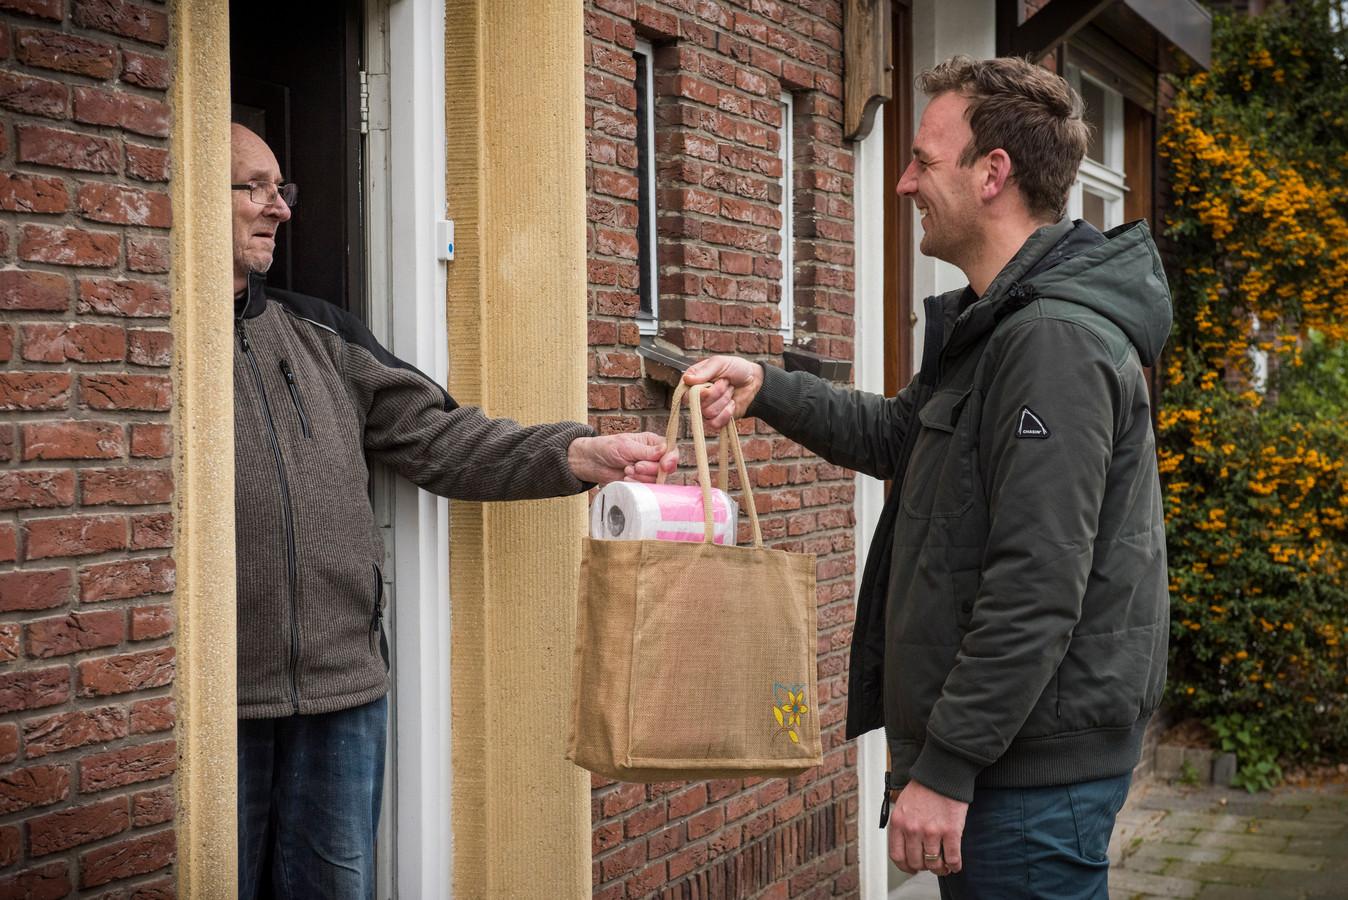 Foto ter illustratie. Veel Buurtpreventie Appgroepen worden ingezet om hulp te vragen en aan te bieden zoals hier in Eindhoven, waar men boodschappen voor elkaar meeneemt.